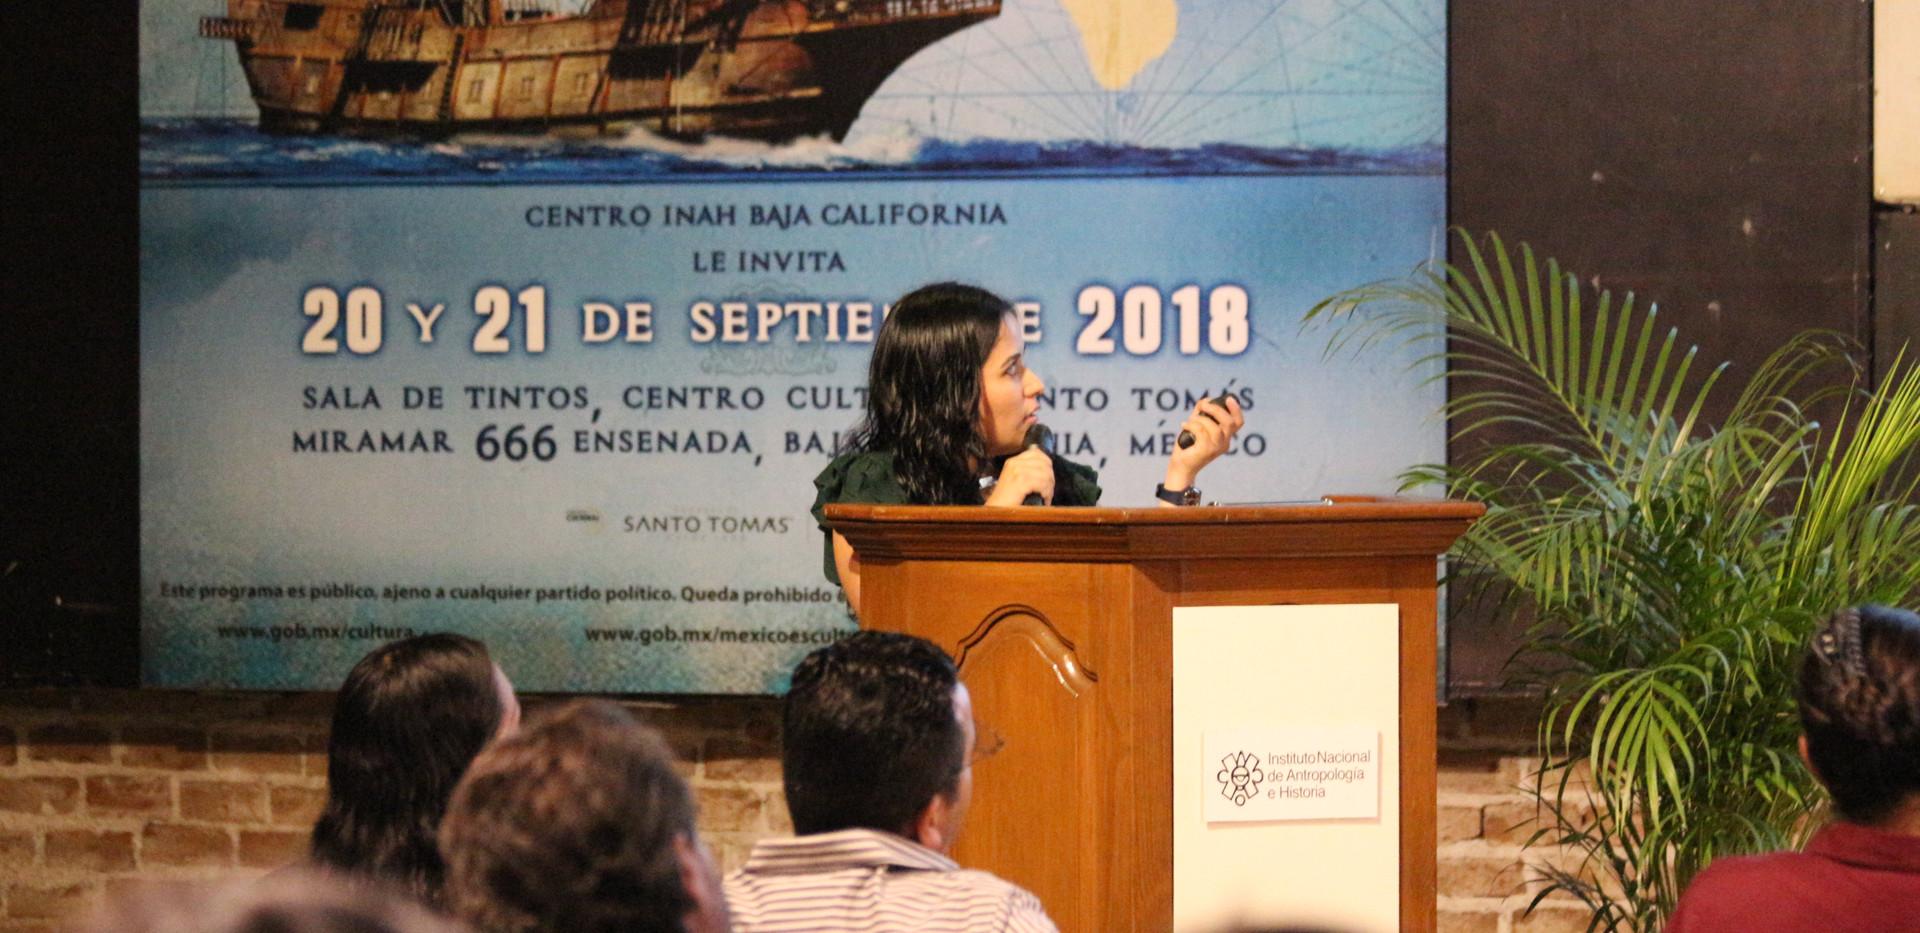 Arqlga. Raquel L. Hernandez